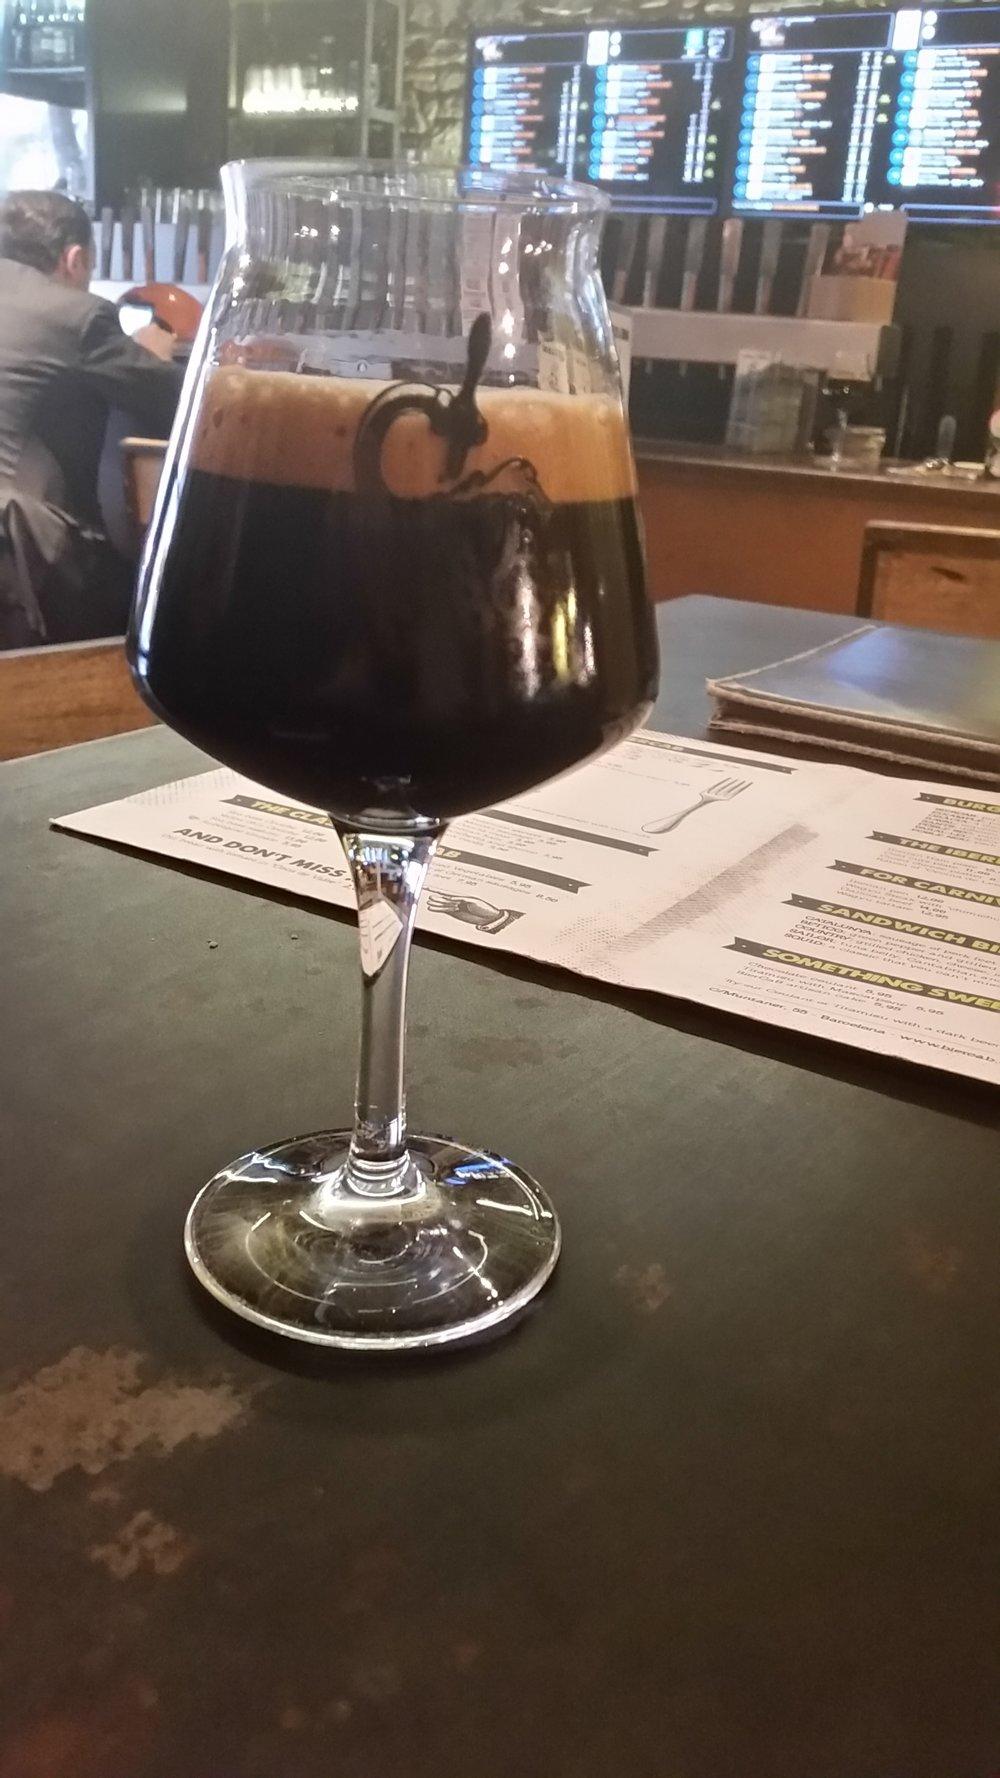 Bu bira bir şaheser, lütfen herkes denesin fırsat bulunca